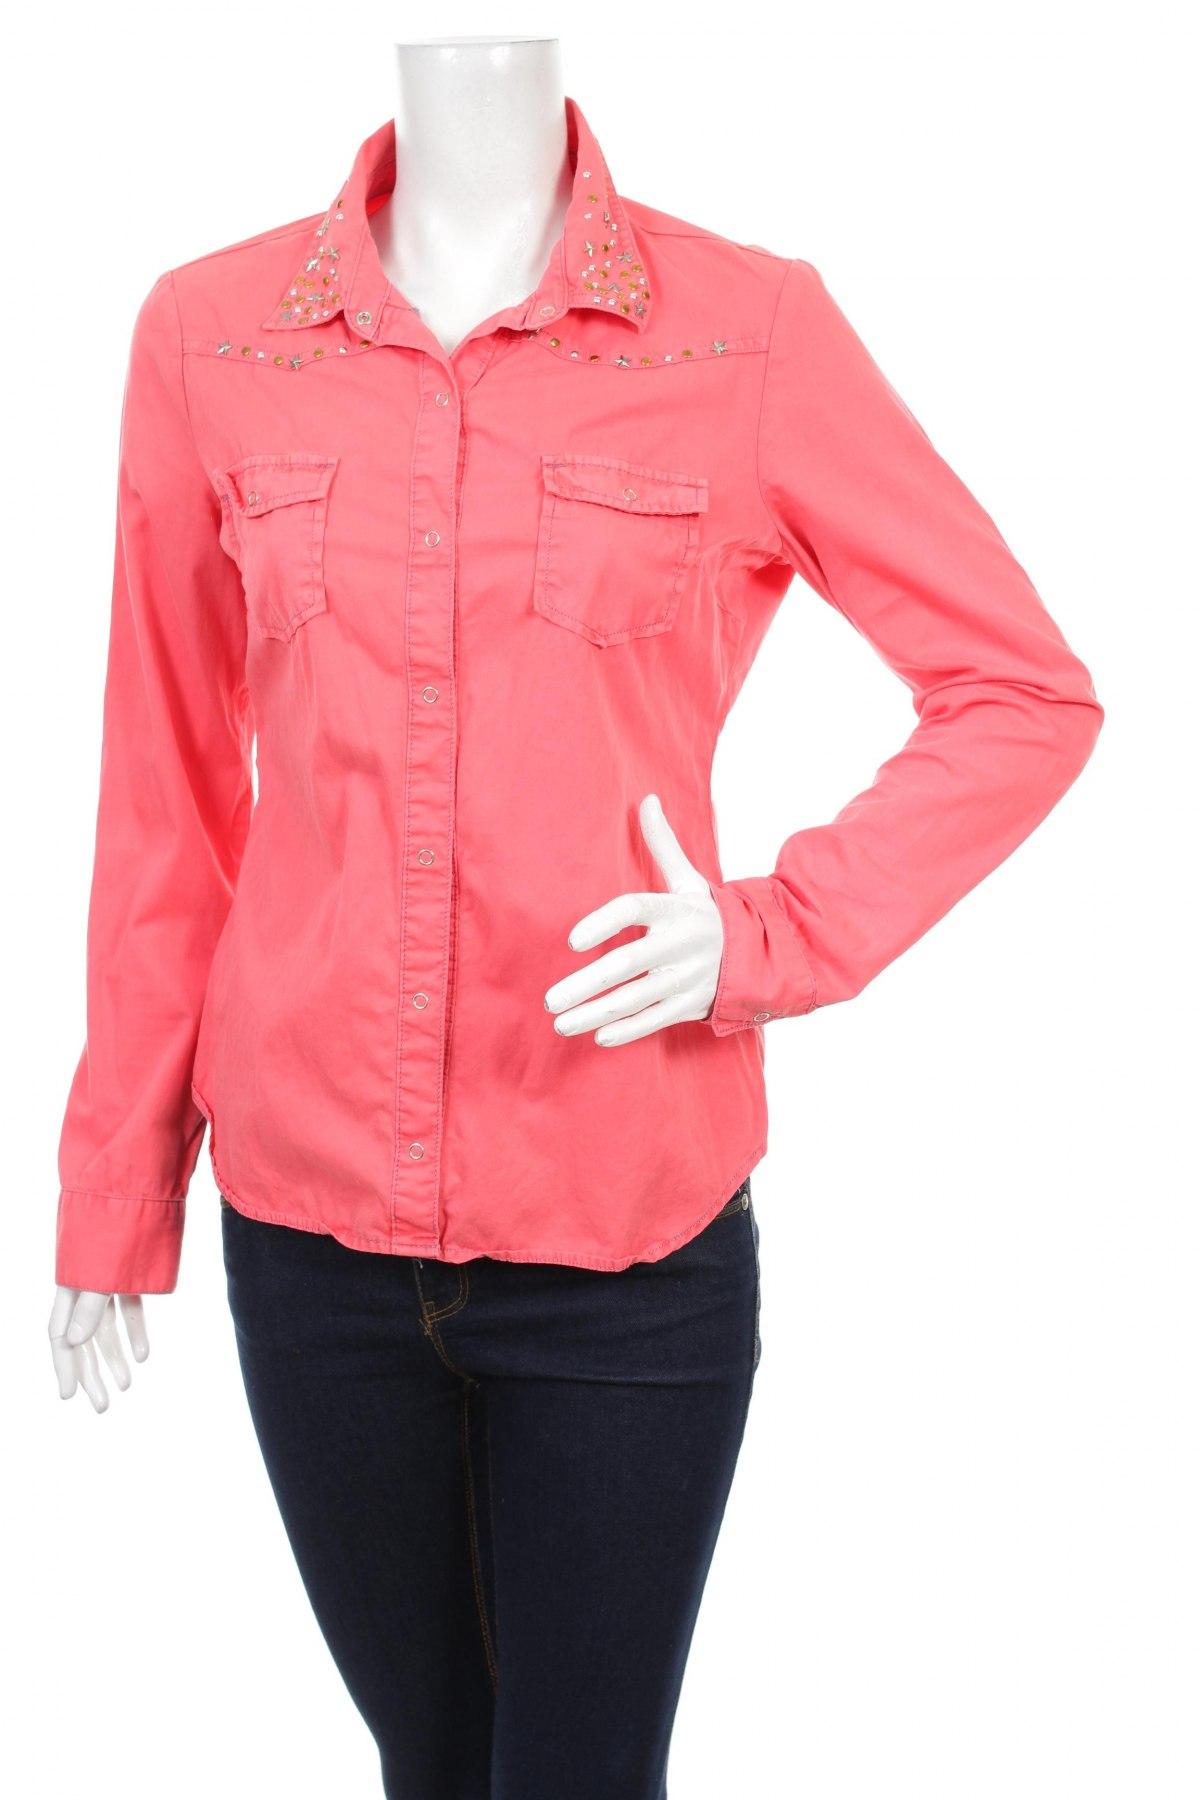 Γυναικείο πουκάμισο Tally Weijl, Μέγεθος M, Χρώμα Ρόζ , Τιμή 12,89€